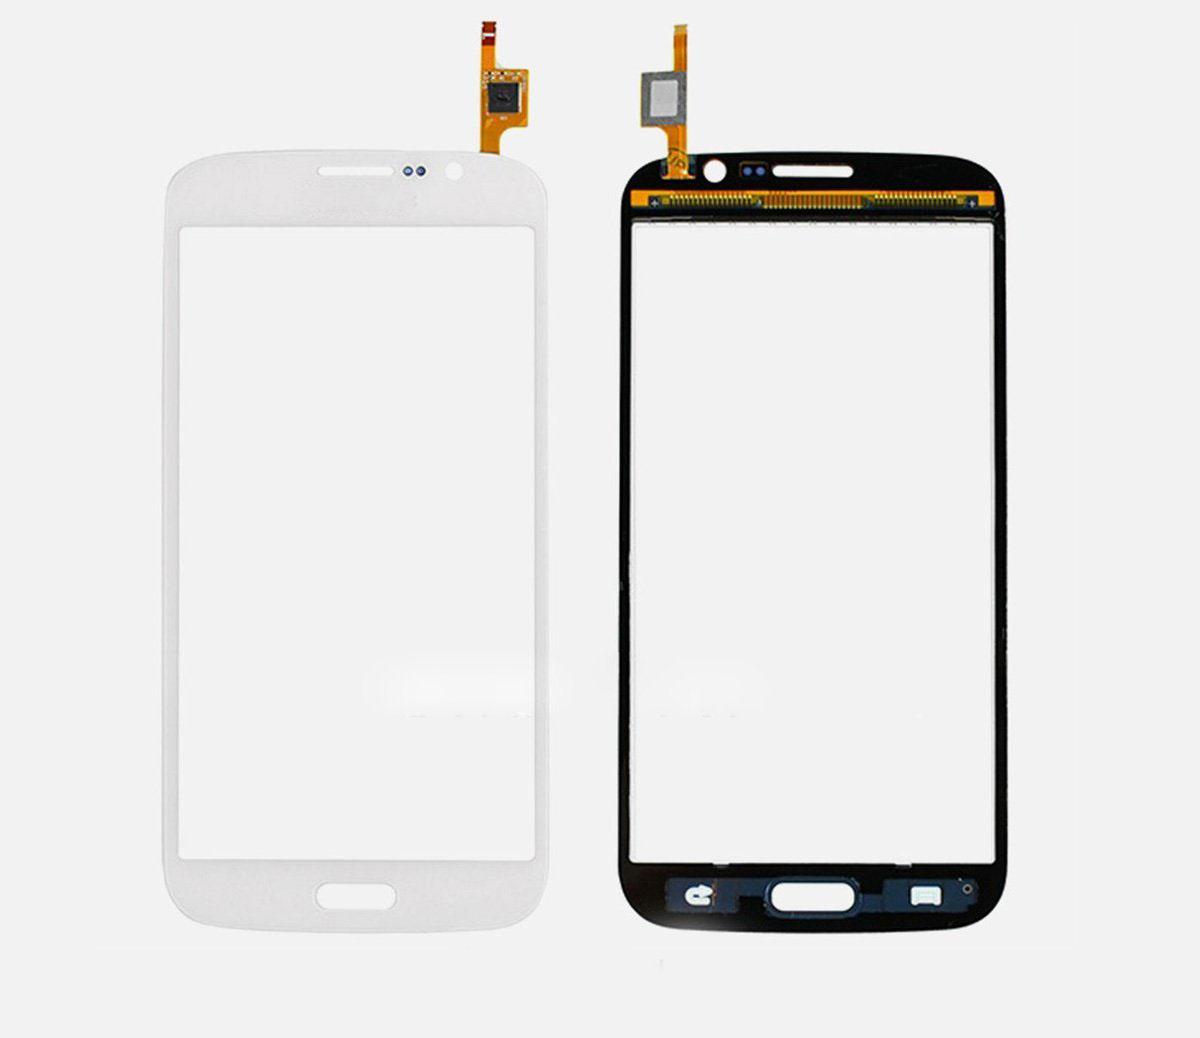 เปลี่ยนทัสกรีน Samsung Mega 5.8 กระจกหน้าจอแตก ทัสกรีนกดไม่ได้